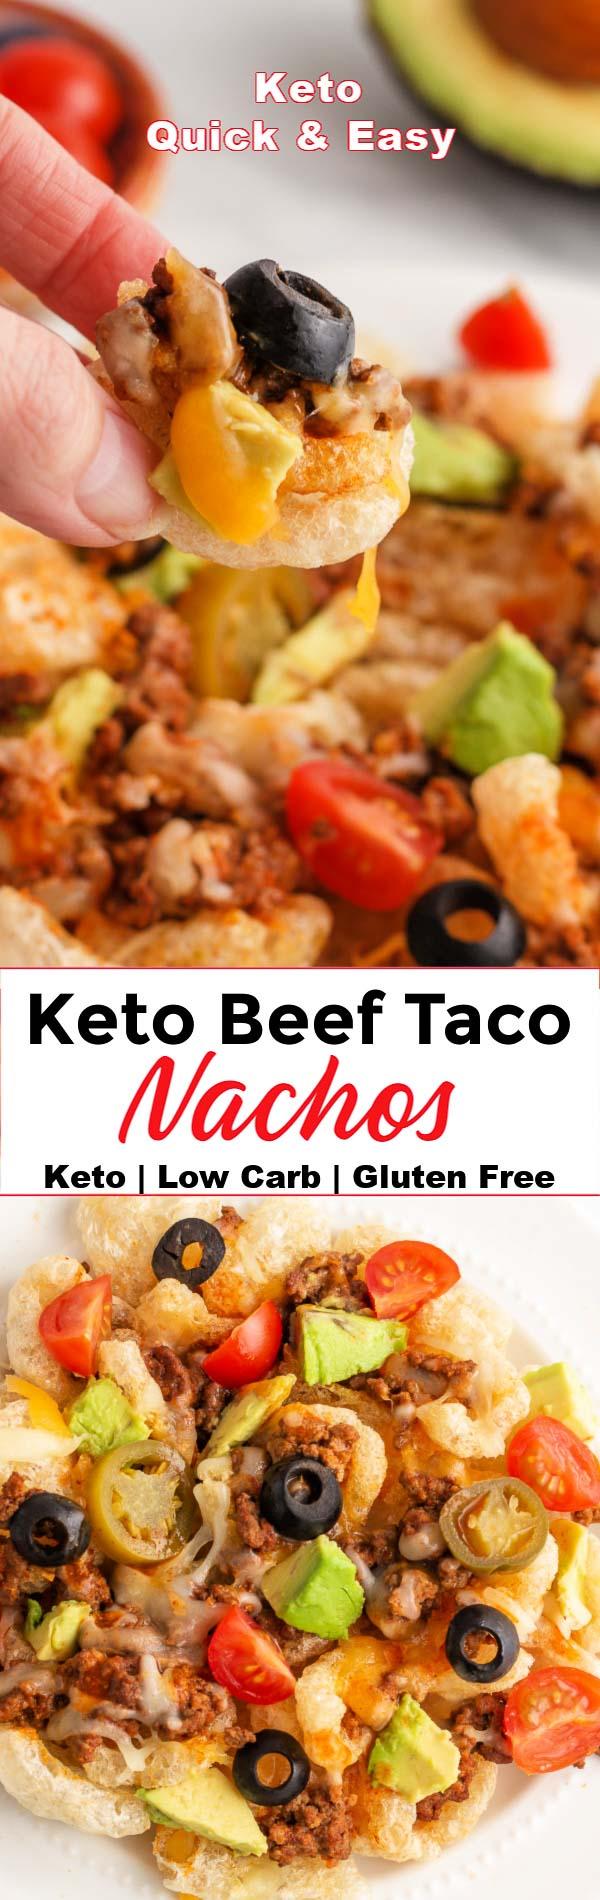 Keto Beef Taco Nachos